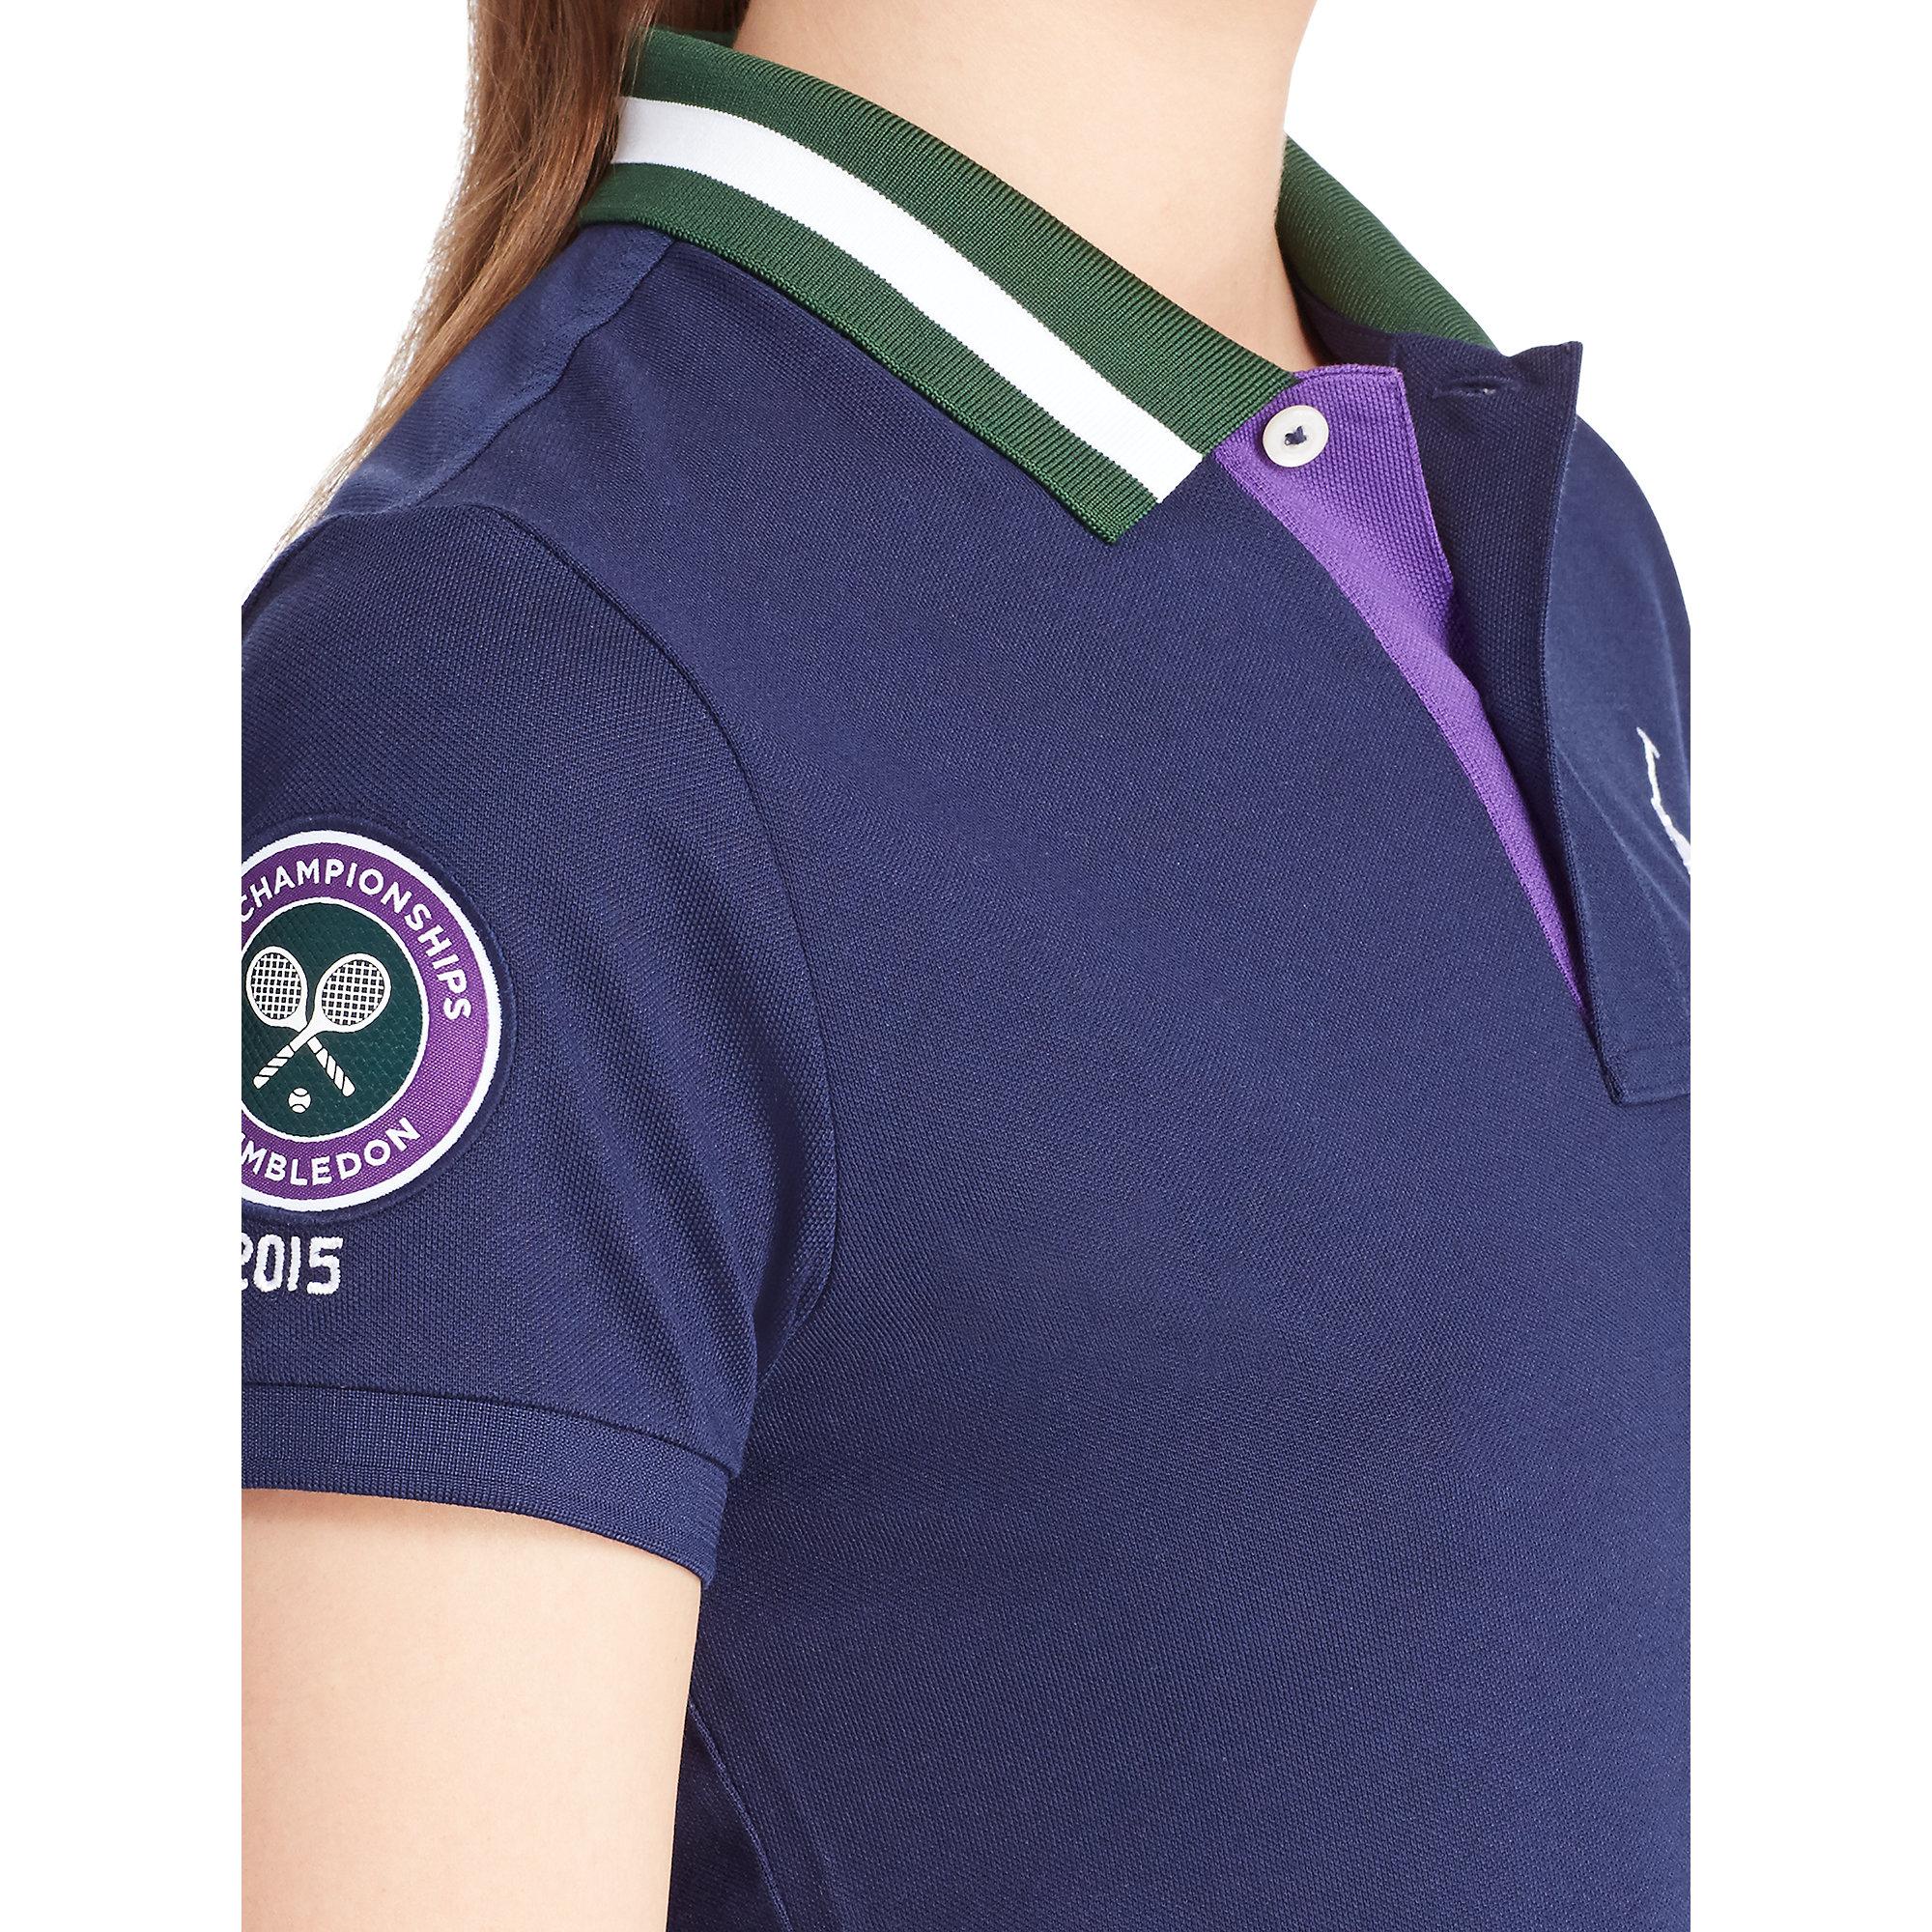 3817430ad ralph lauren wimbledon polo shirt